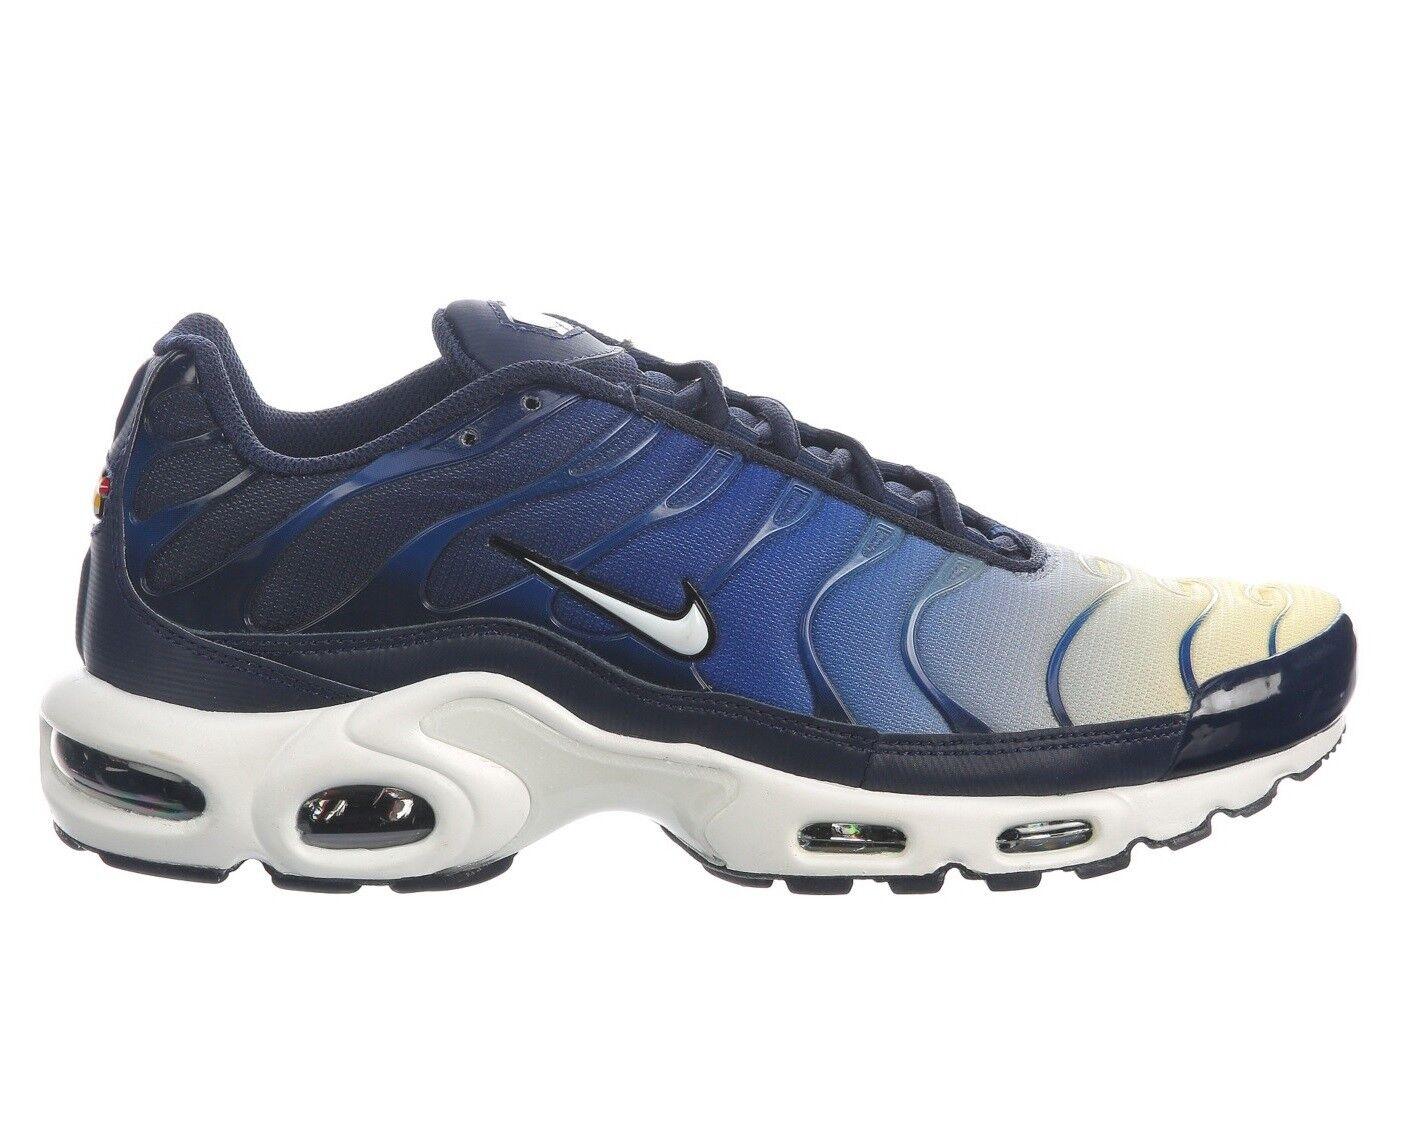 Nike air max max max plus farbverlauf mens 852630-407 blau gelb laufschuhe größe 7 a8a1a8